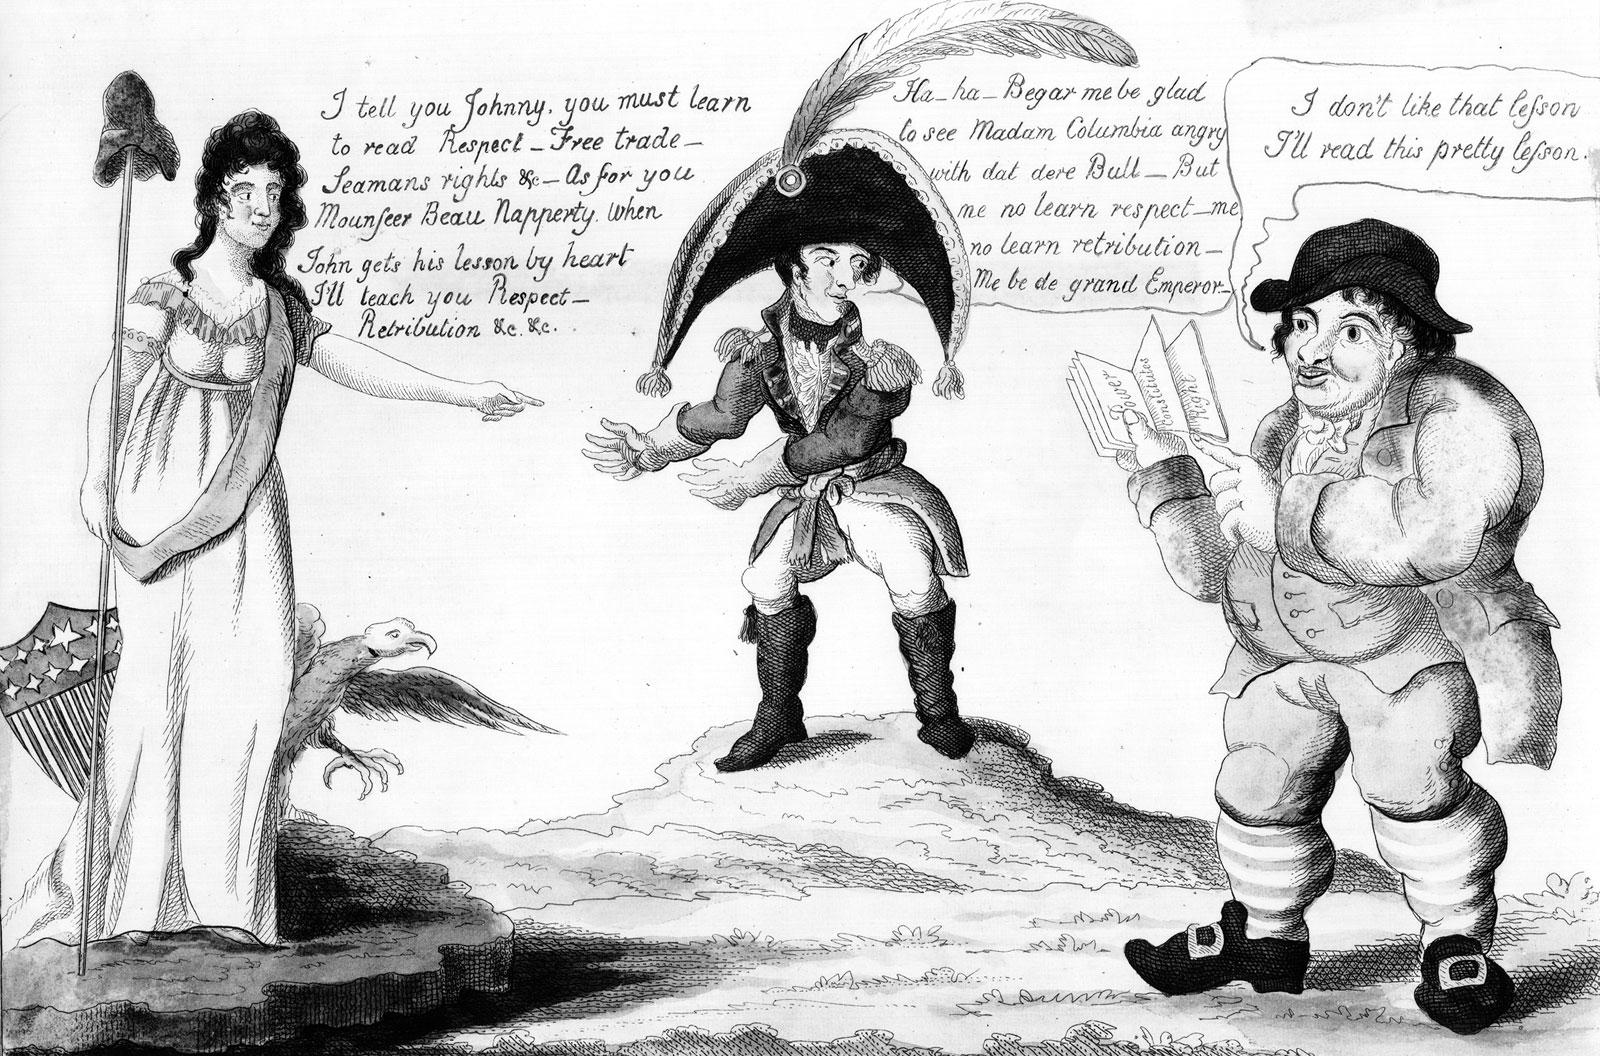 War of 1812 cartoon